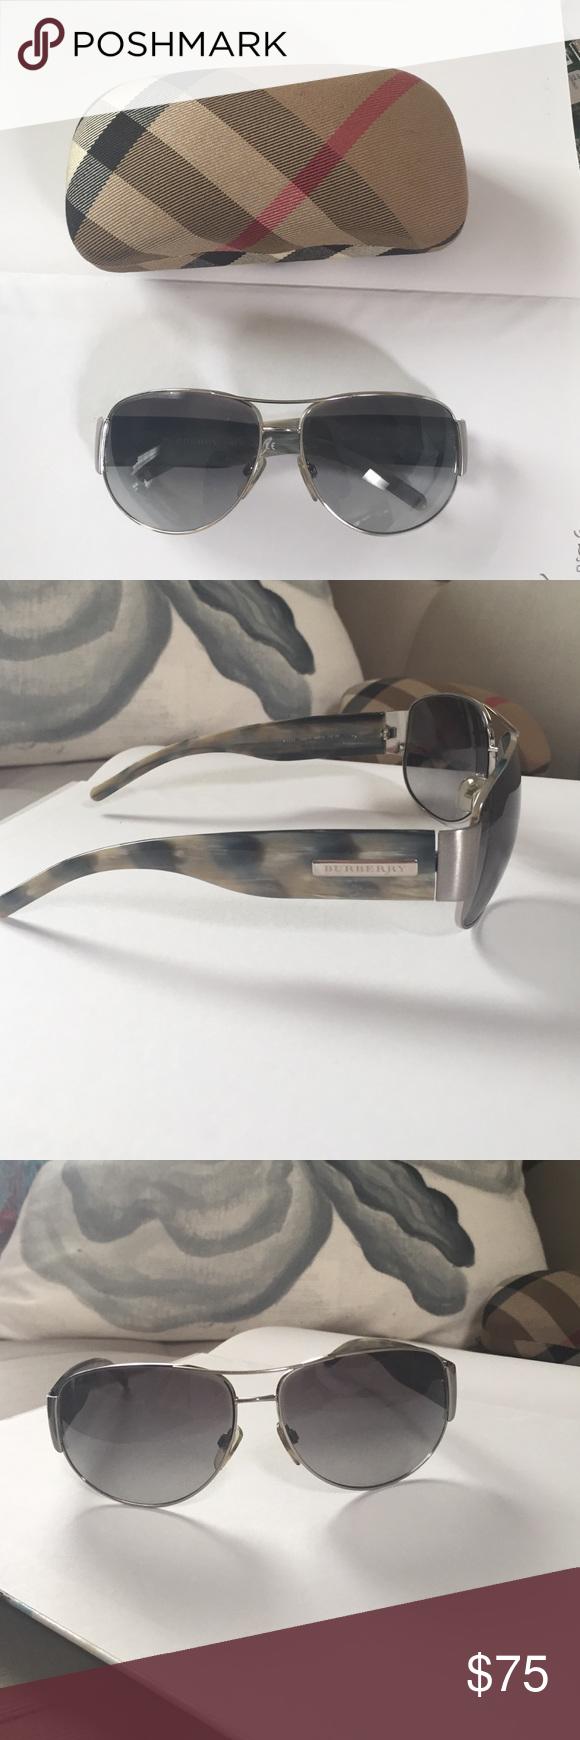 8cc560c5944e Burberry sunglasses Burberry aviator B3020 1005 11 unisex sunglasses  Burberry Accessories Sunglasses